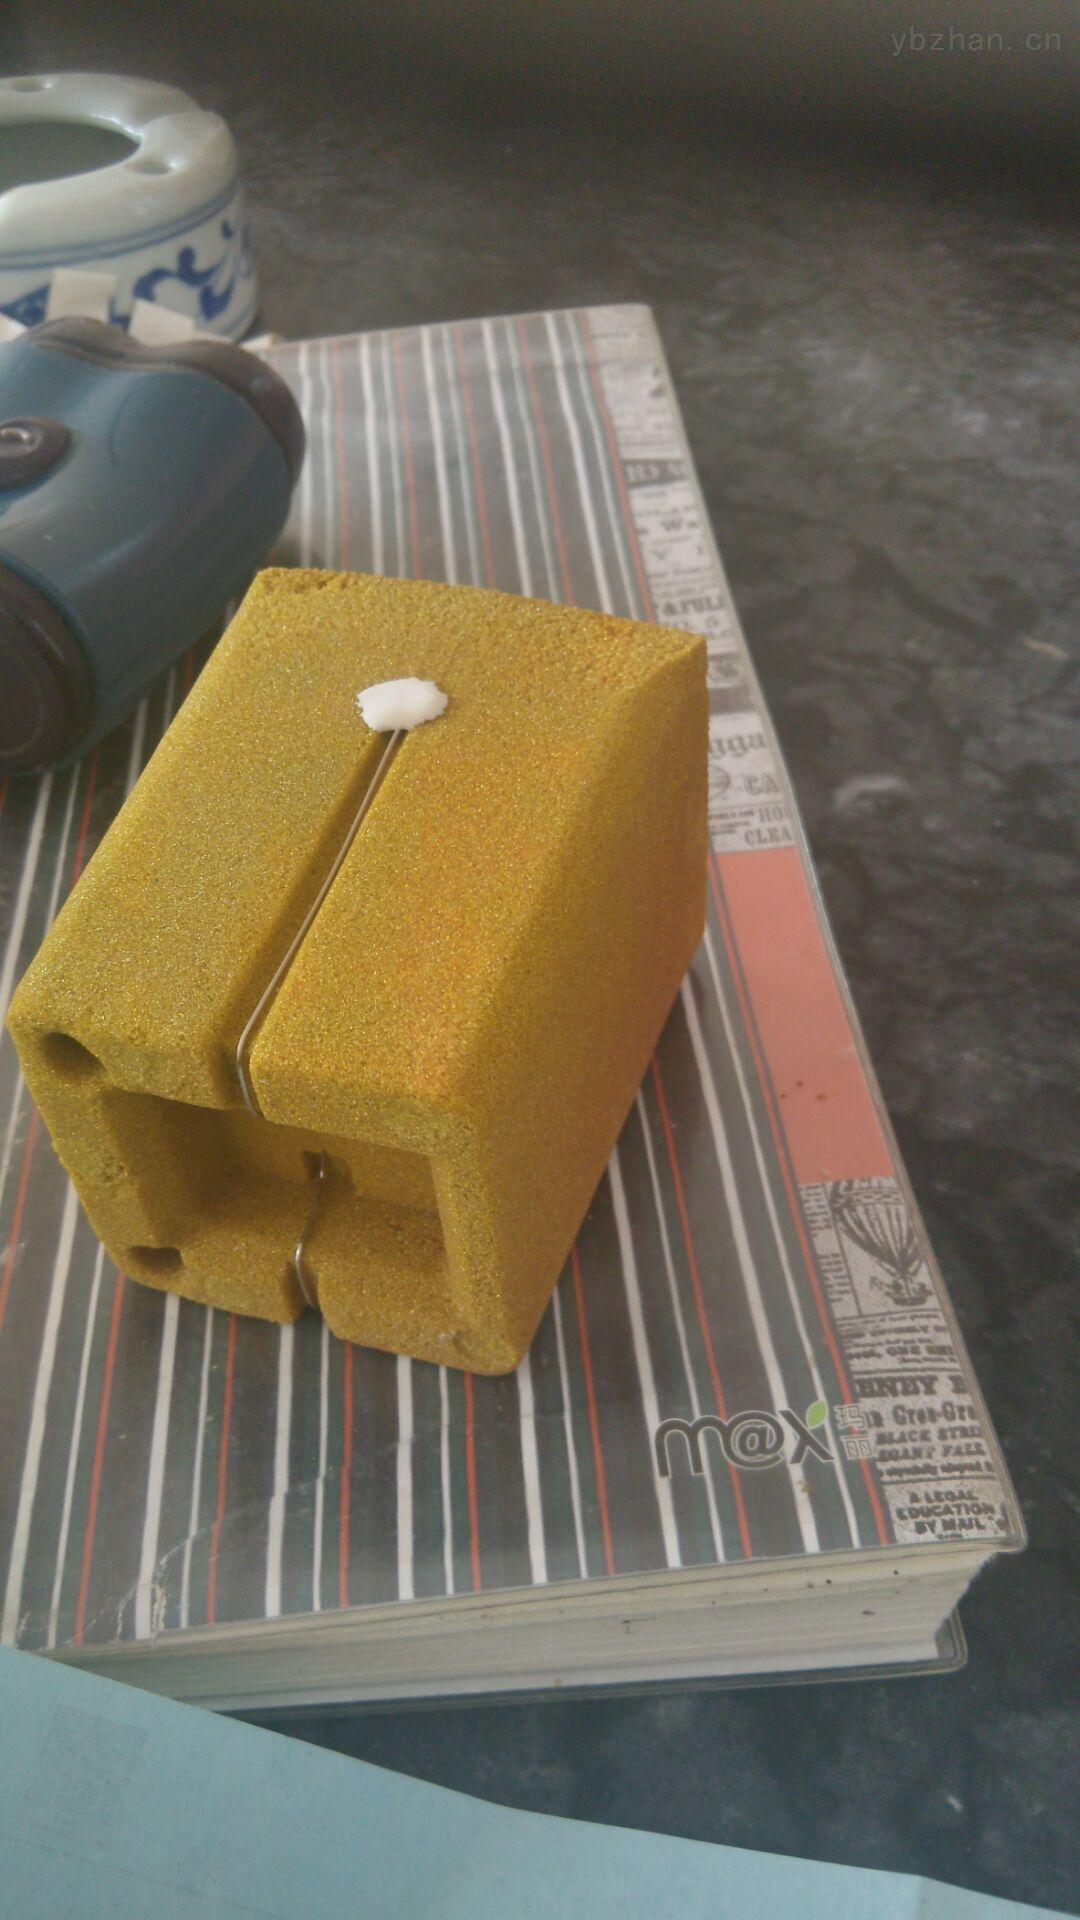 盛达批发供应高精度定碳杯圆杯方杯热分析仪